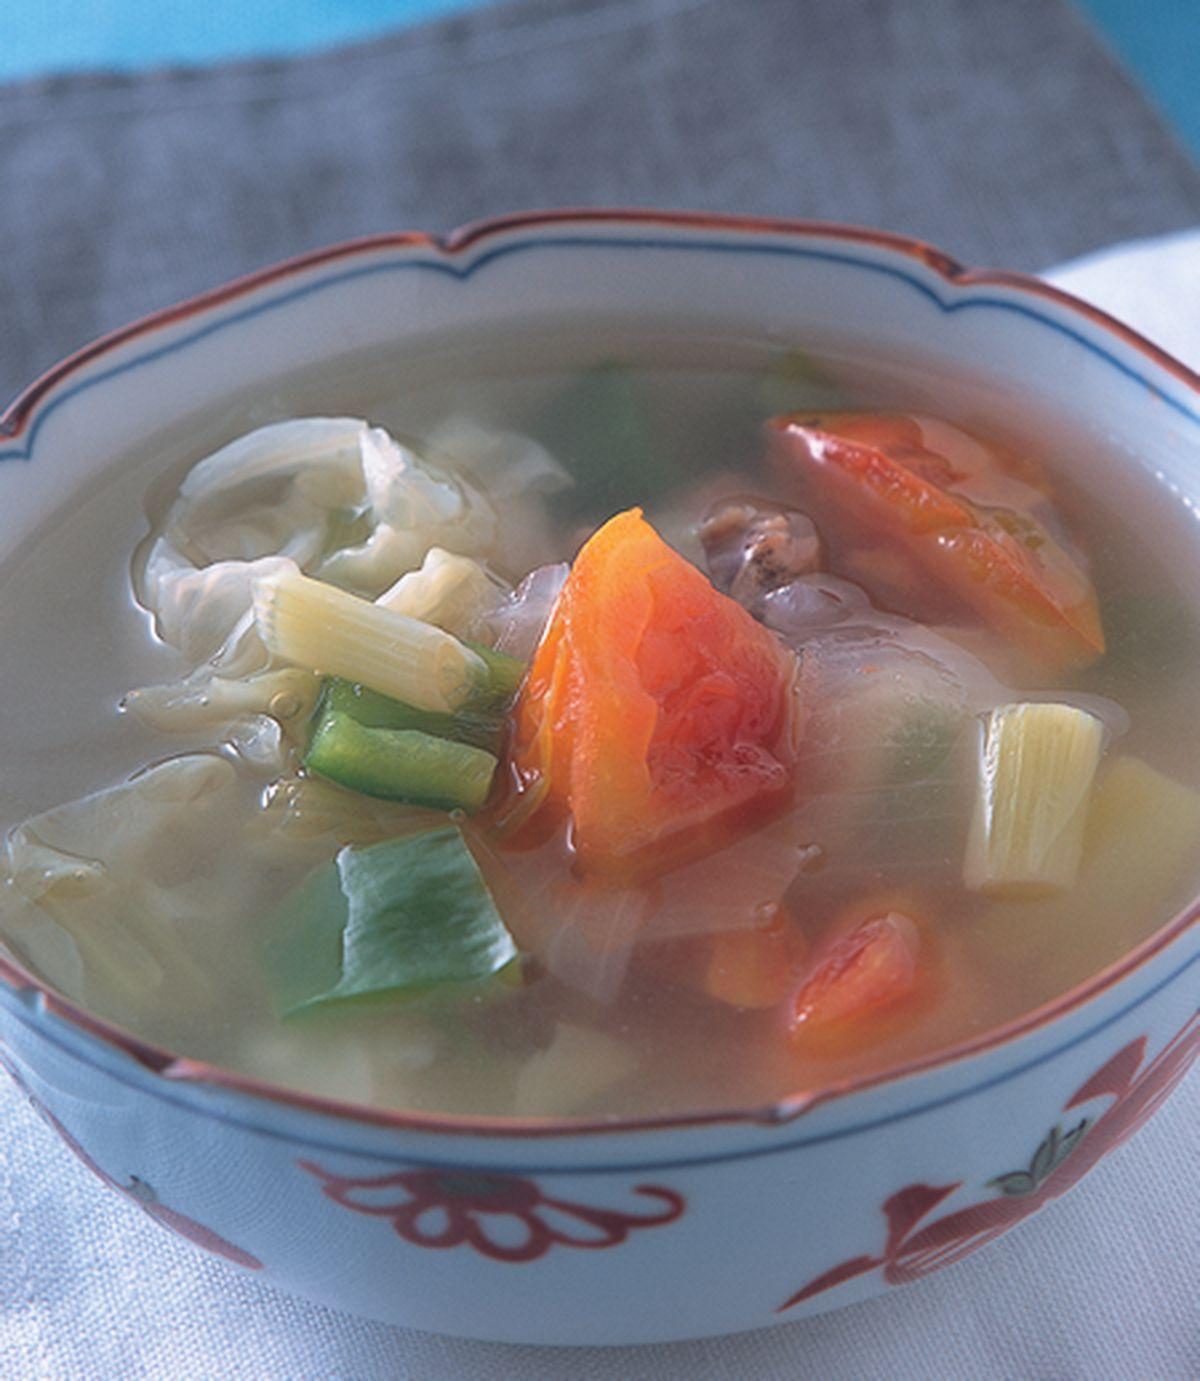 食譜:什錦蔬菜瘦身湯